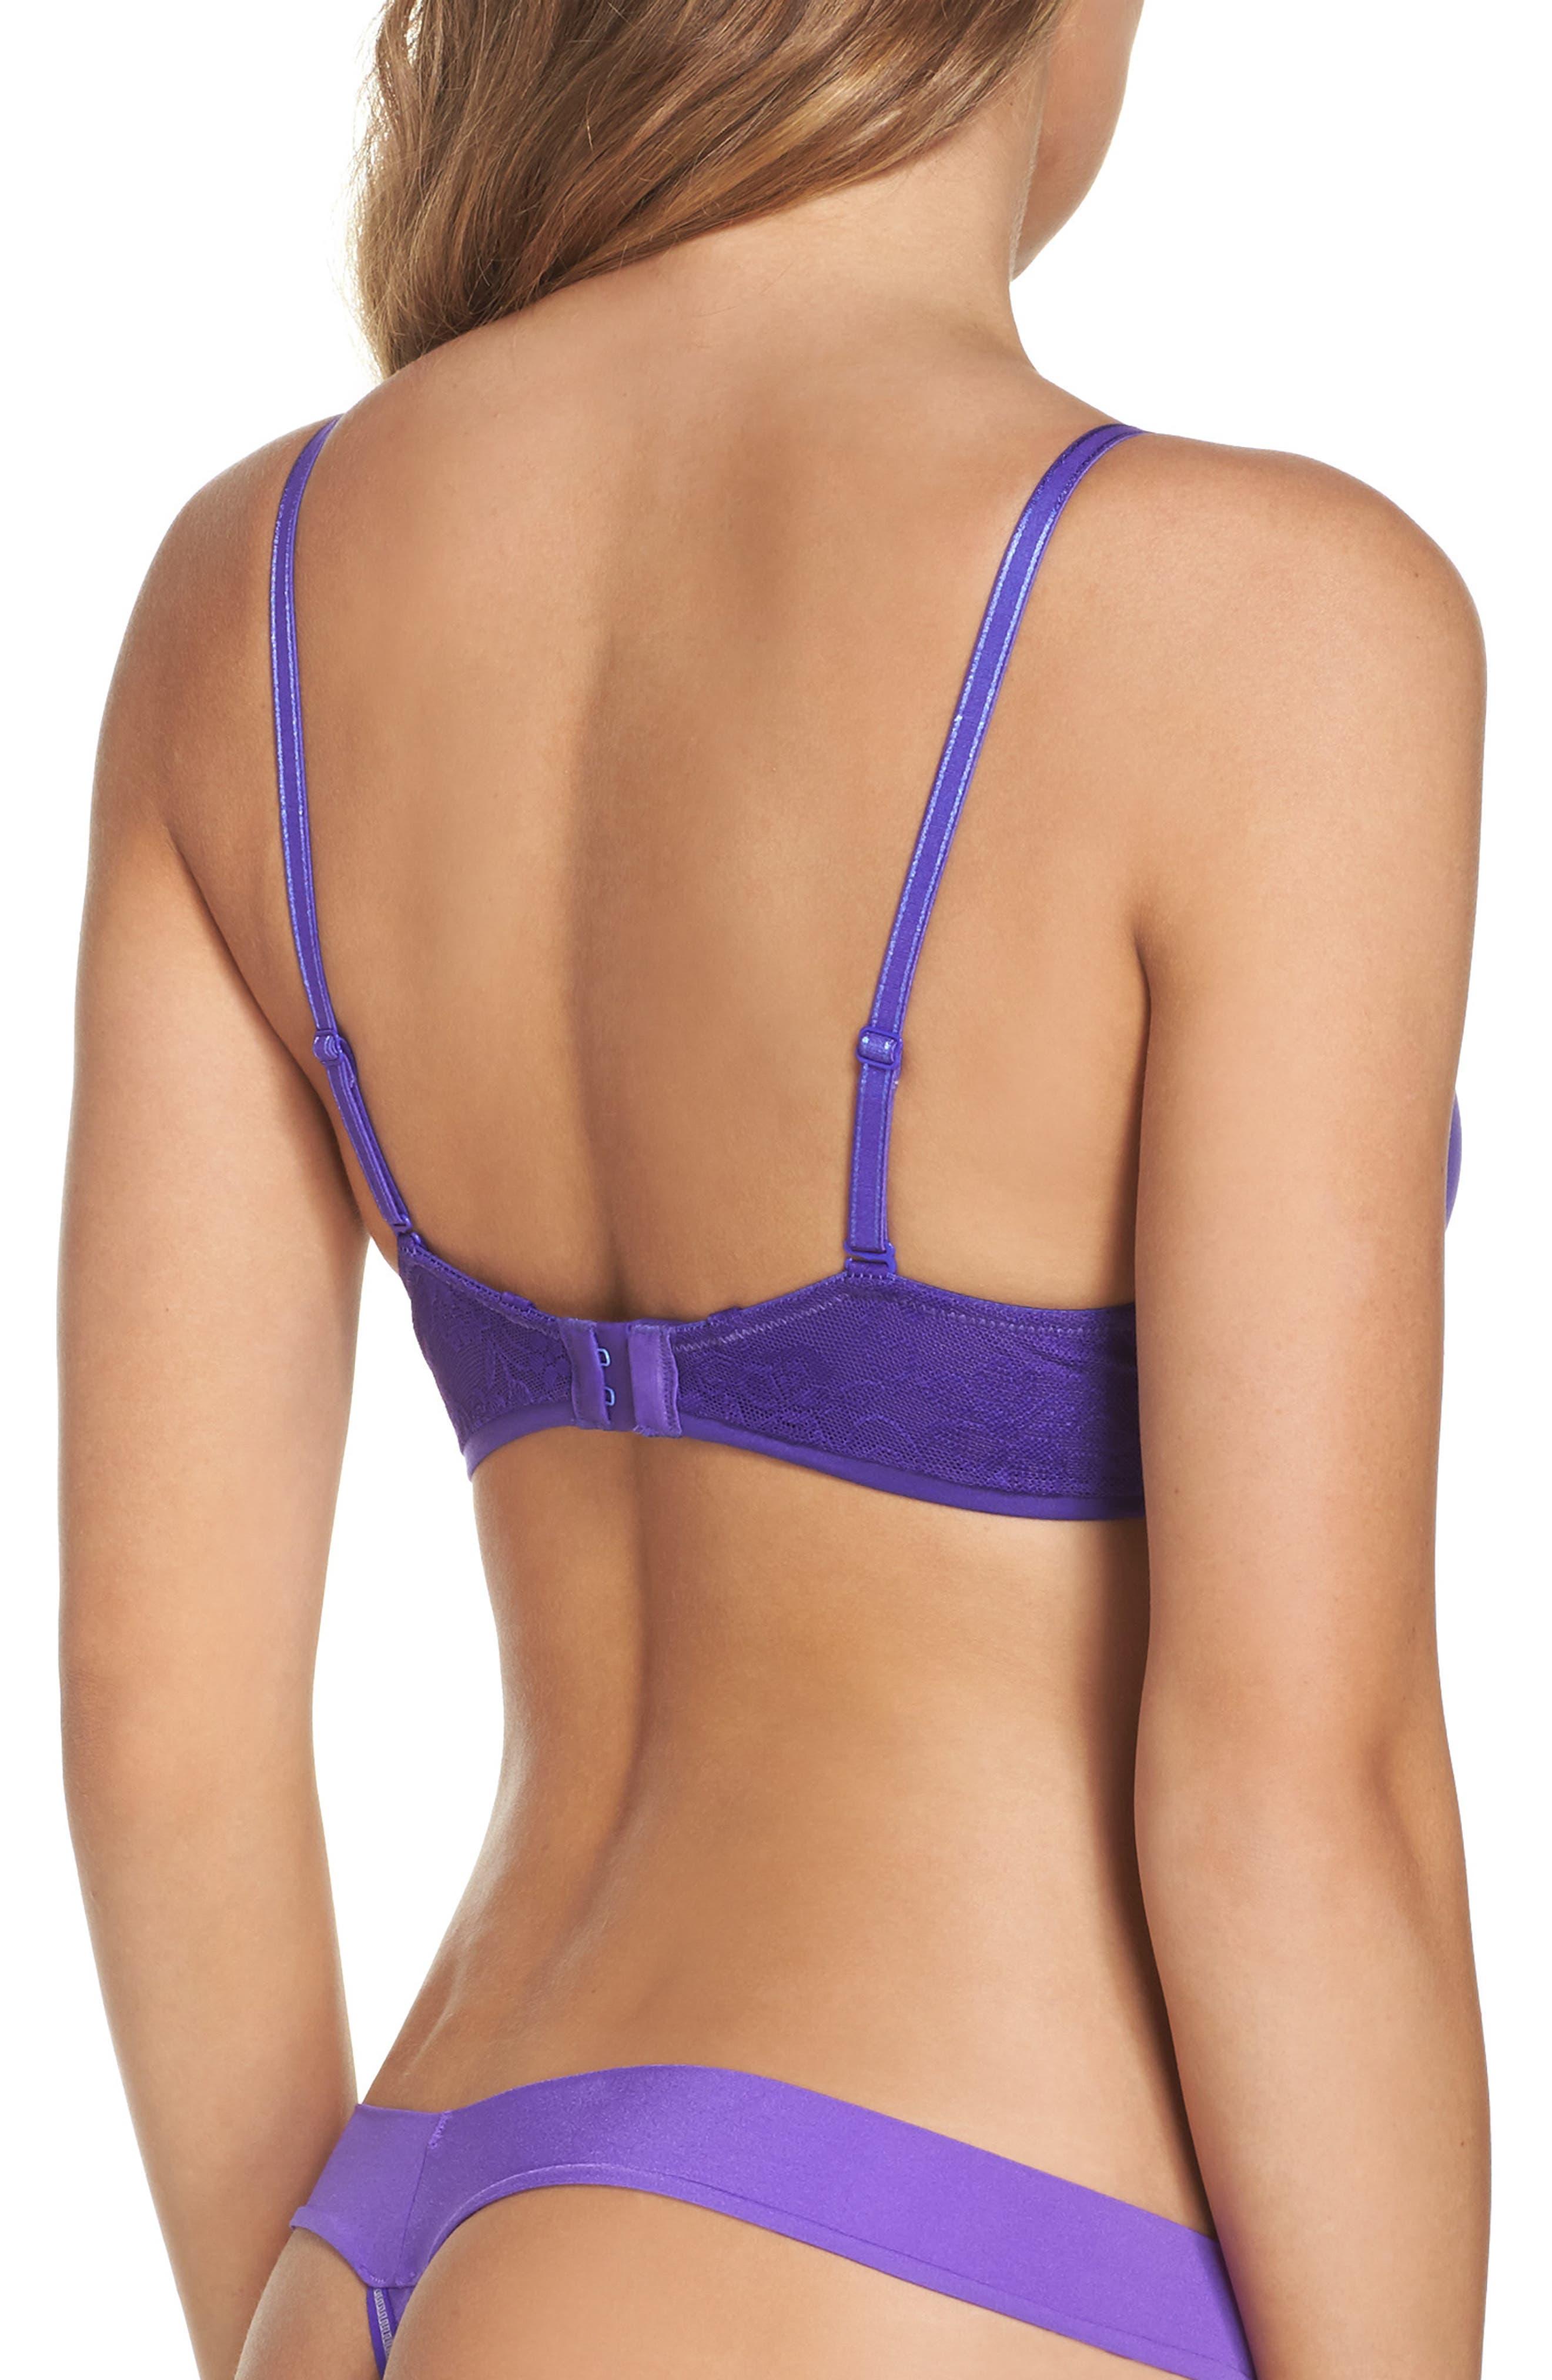 Alternate Image 2  - Betsey Johnson Lace Back Plunging Underwire Push-Up Bra